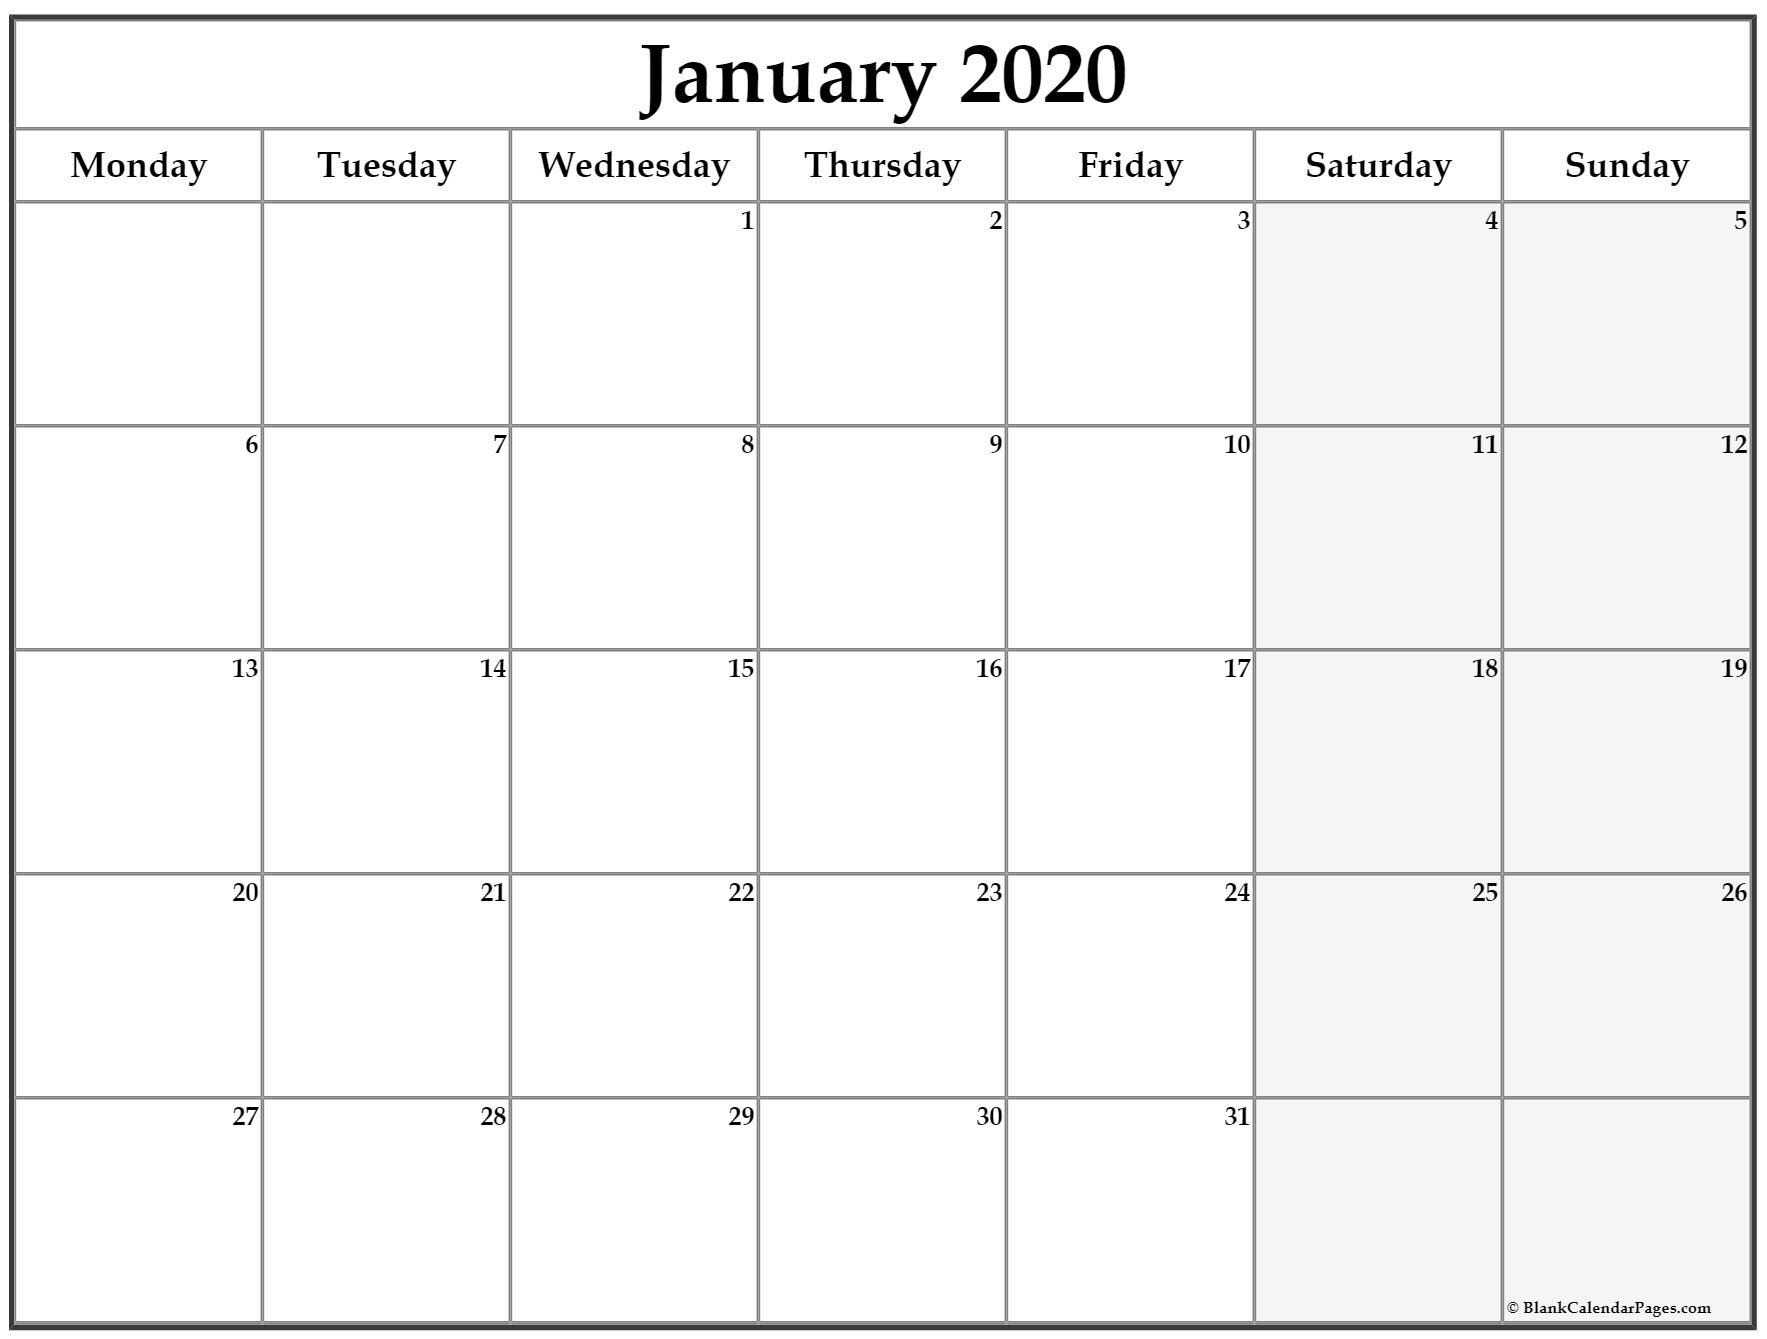 January 2020 Monday Calendar | Monday To Sunday throughout January 2020 Calendar Starting Monday